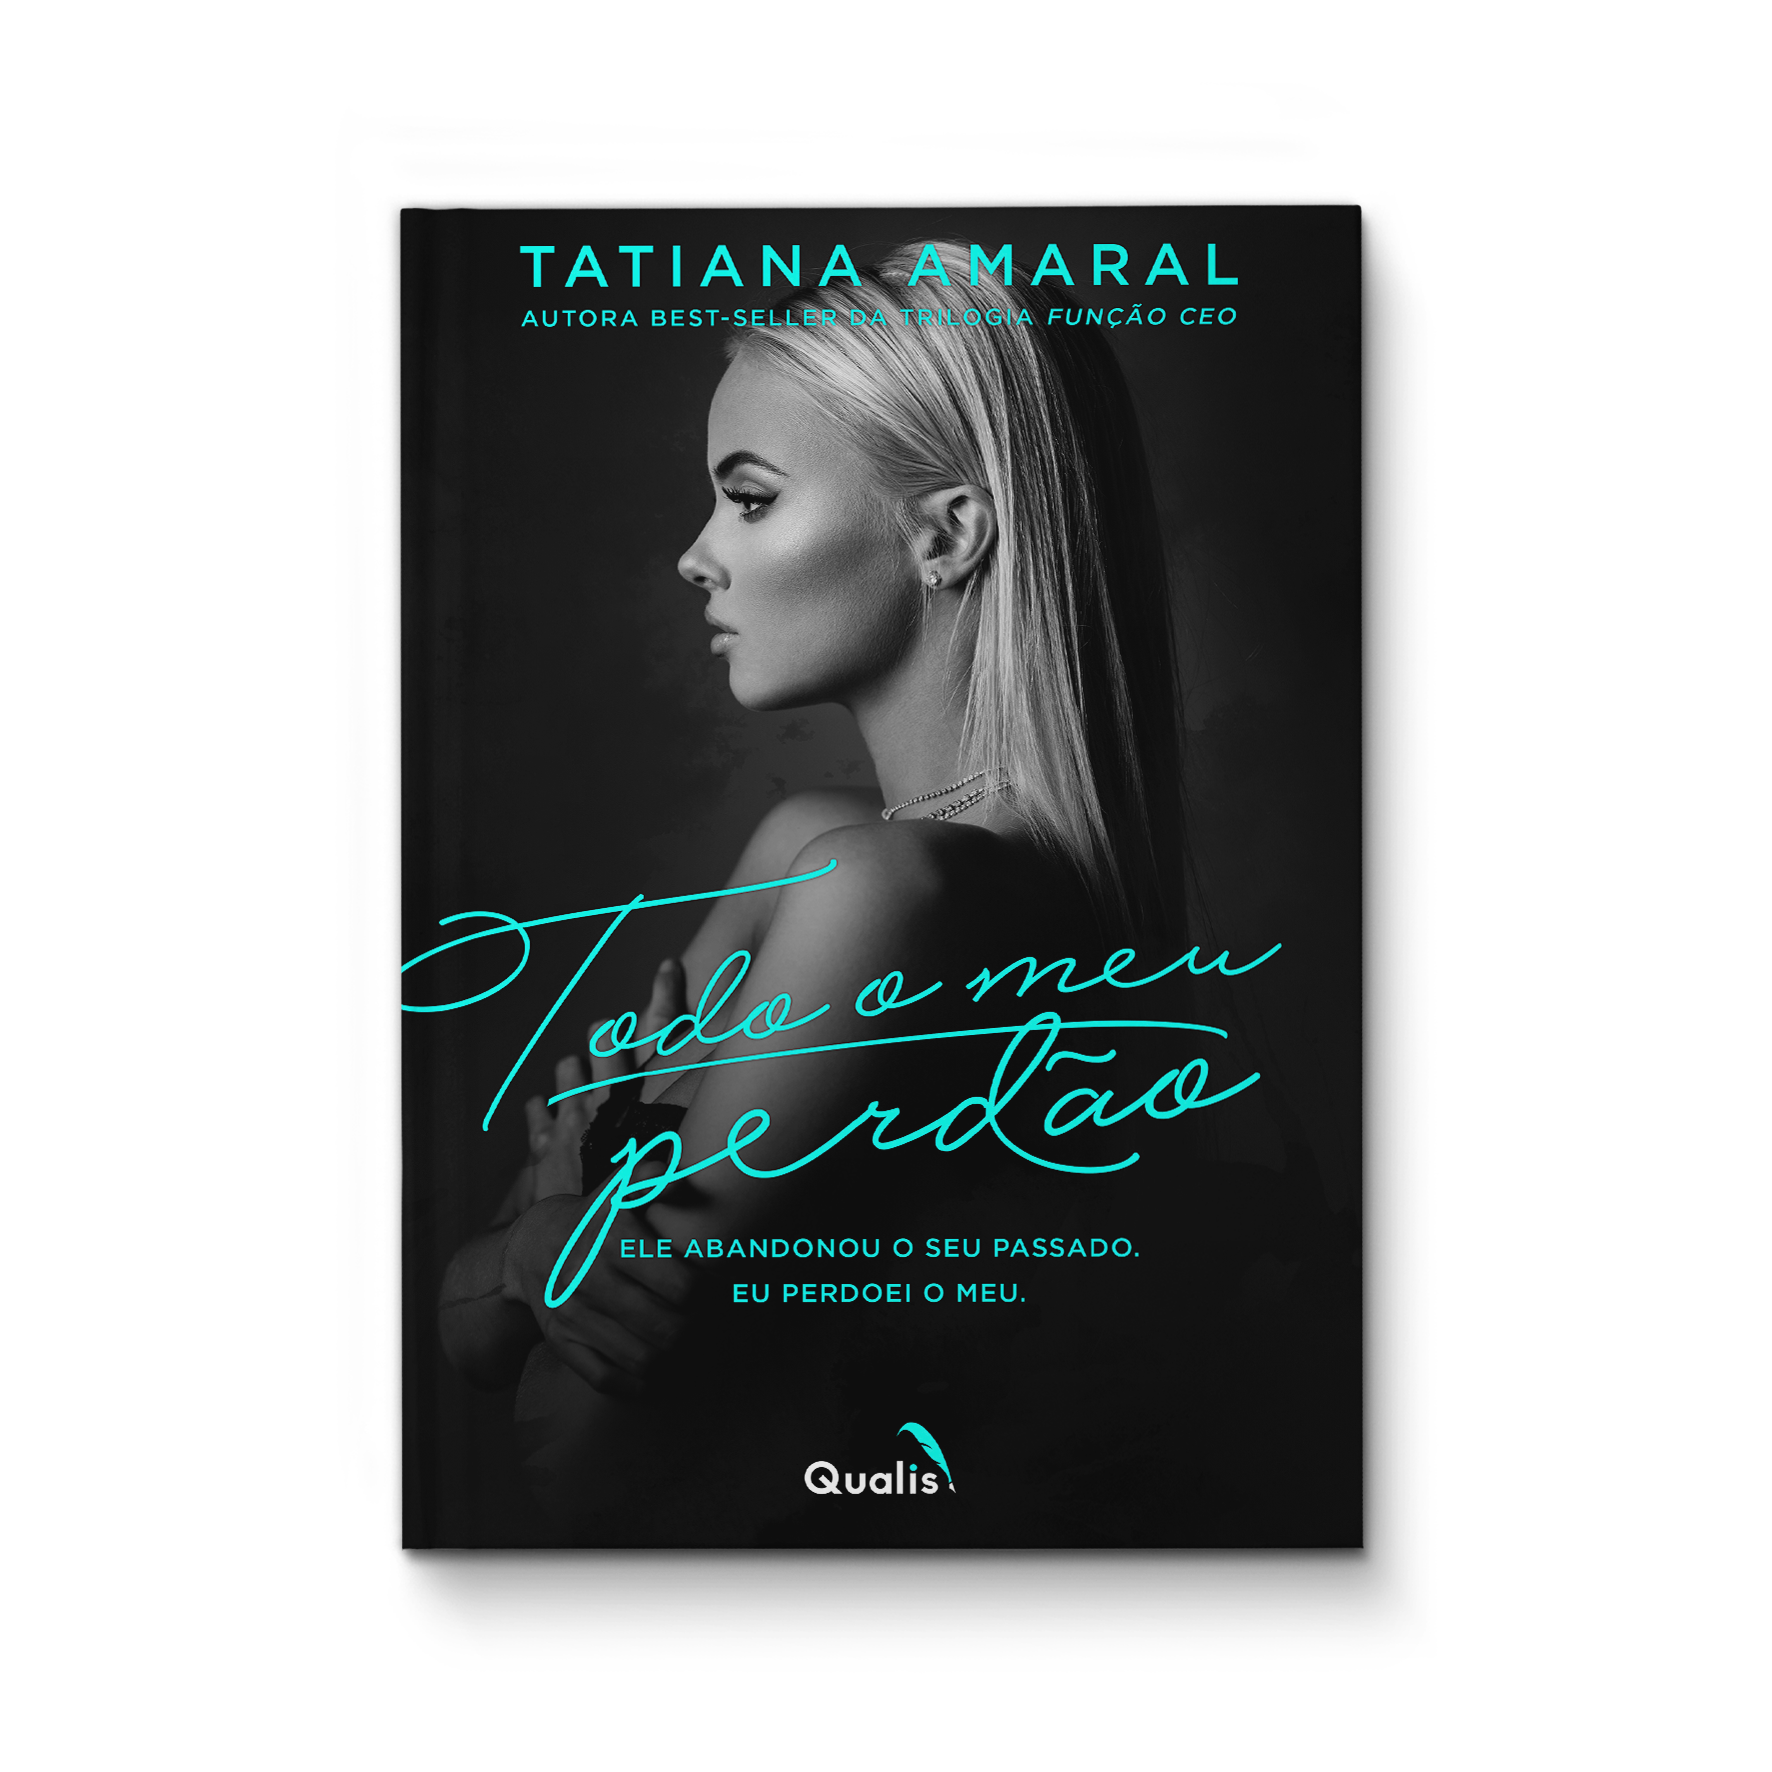 Todo o meu perdão – Tatiana Amaral